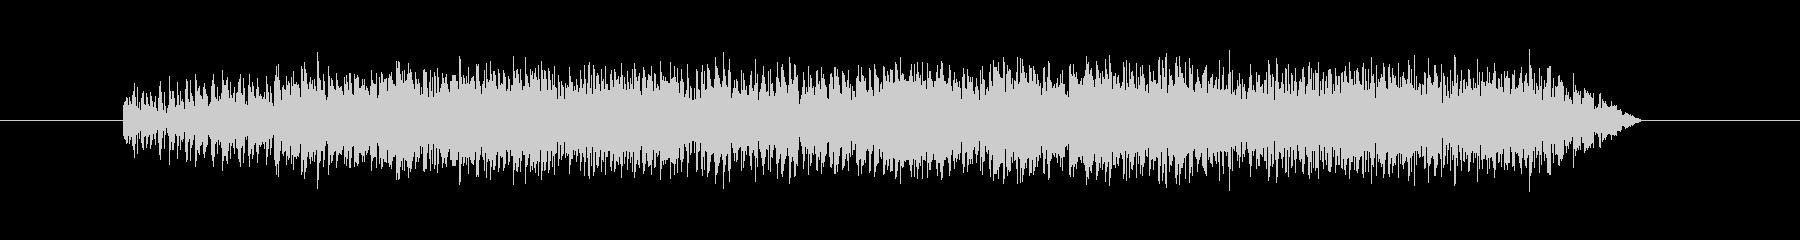 「ビビビューン」というサイバーなビーム音の未再生の波形